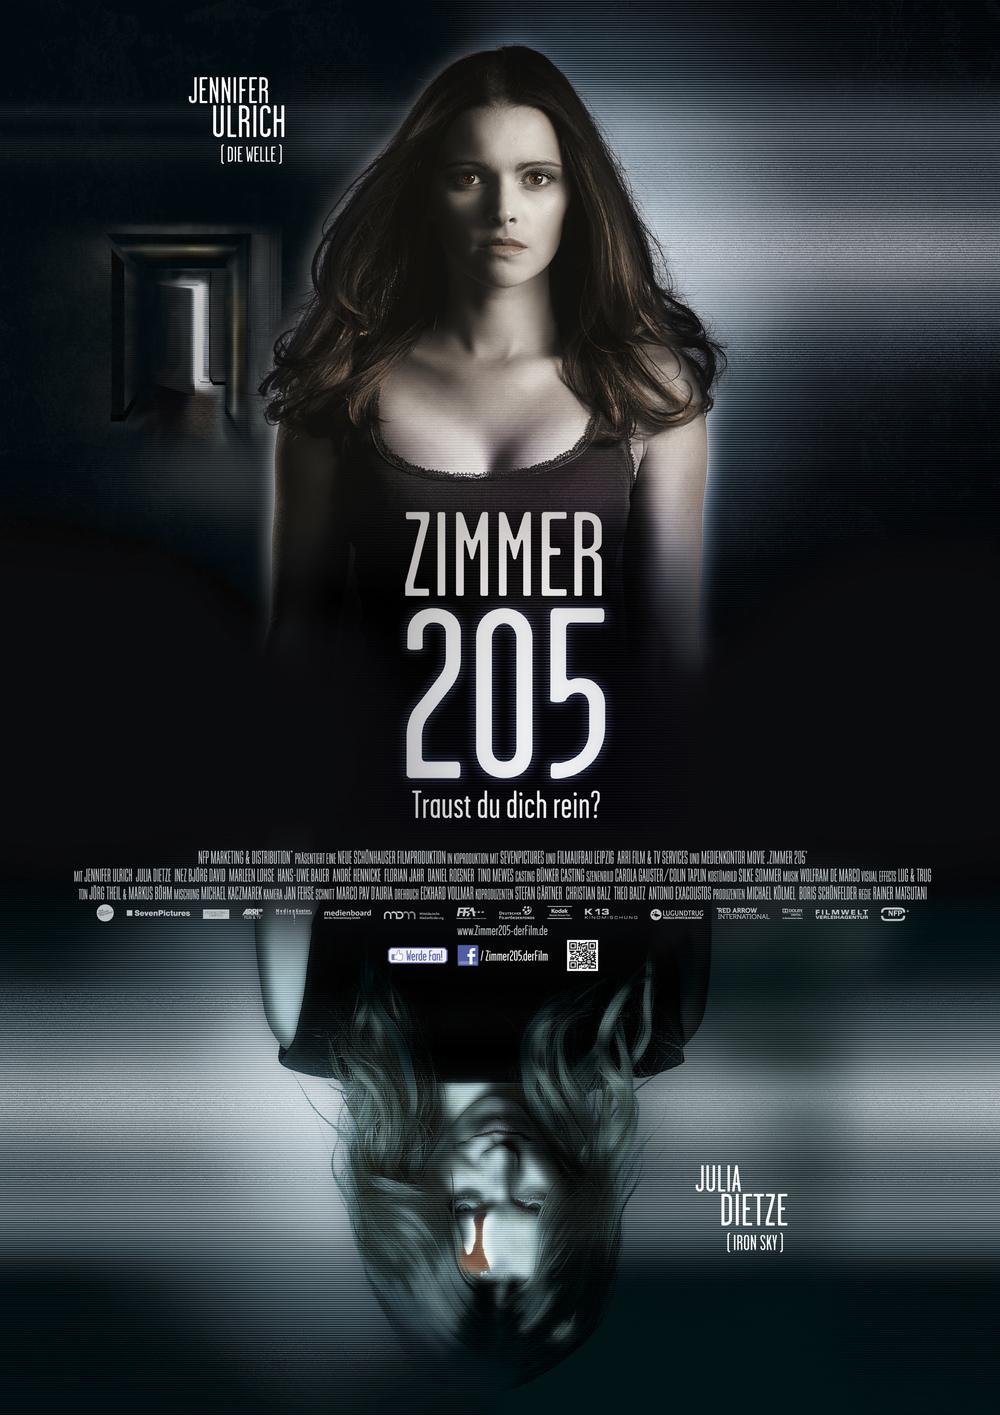 2013_Zimmer_205_-_Traust_du_dich_rein_Neue_Schoenhauser_Filmproduktion.jpg